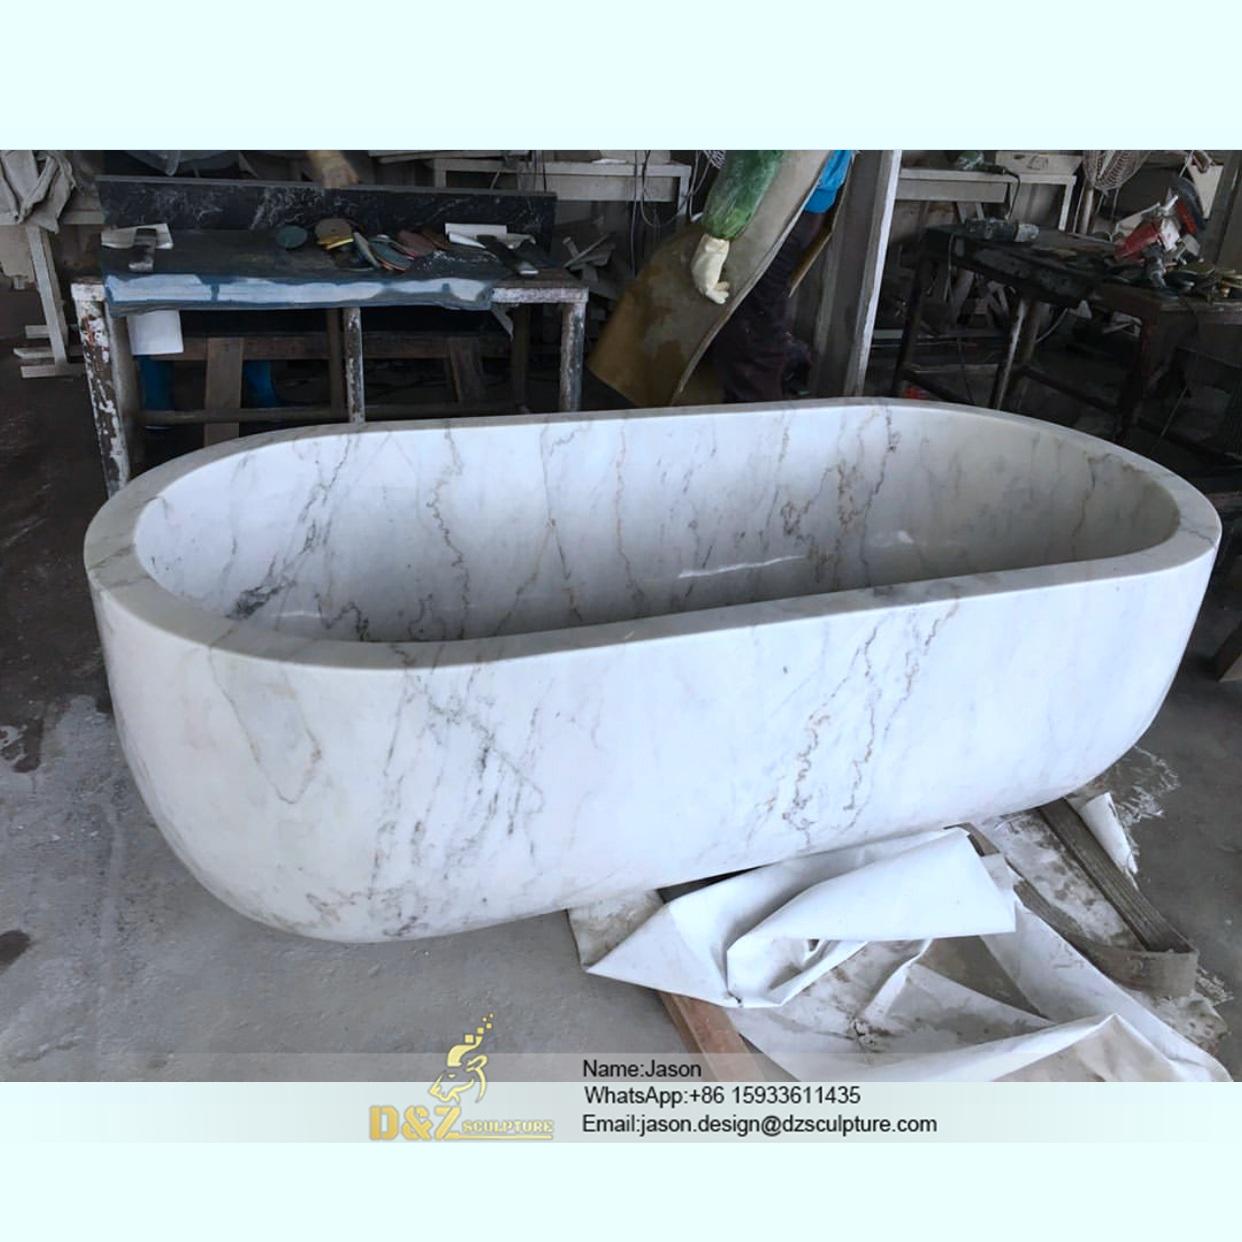 Bali stone bathtub